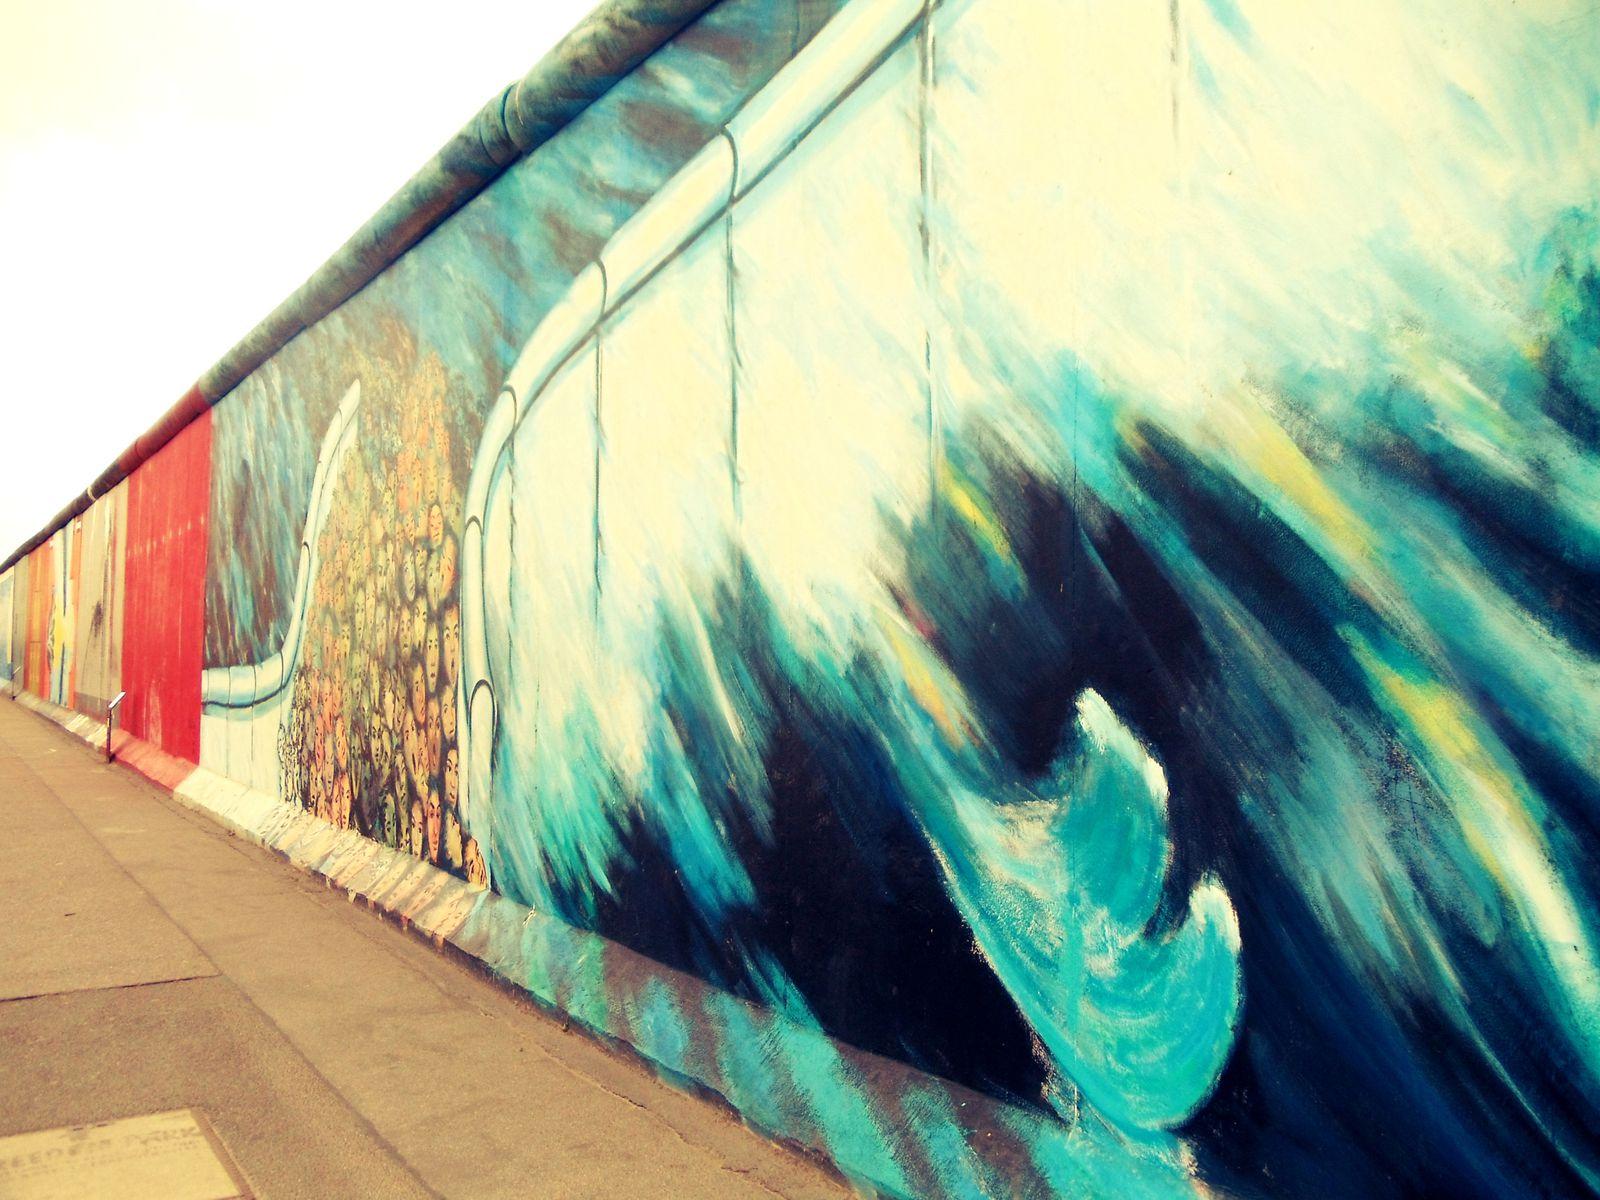 Berlin Wall (Germany)